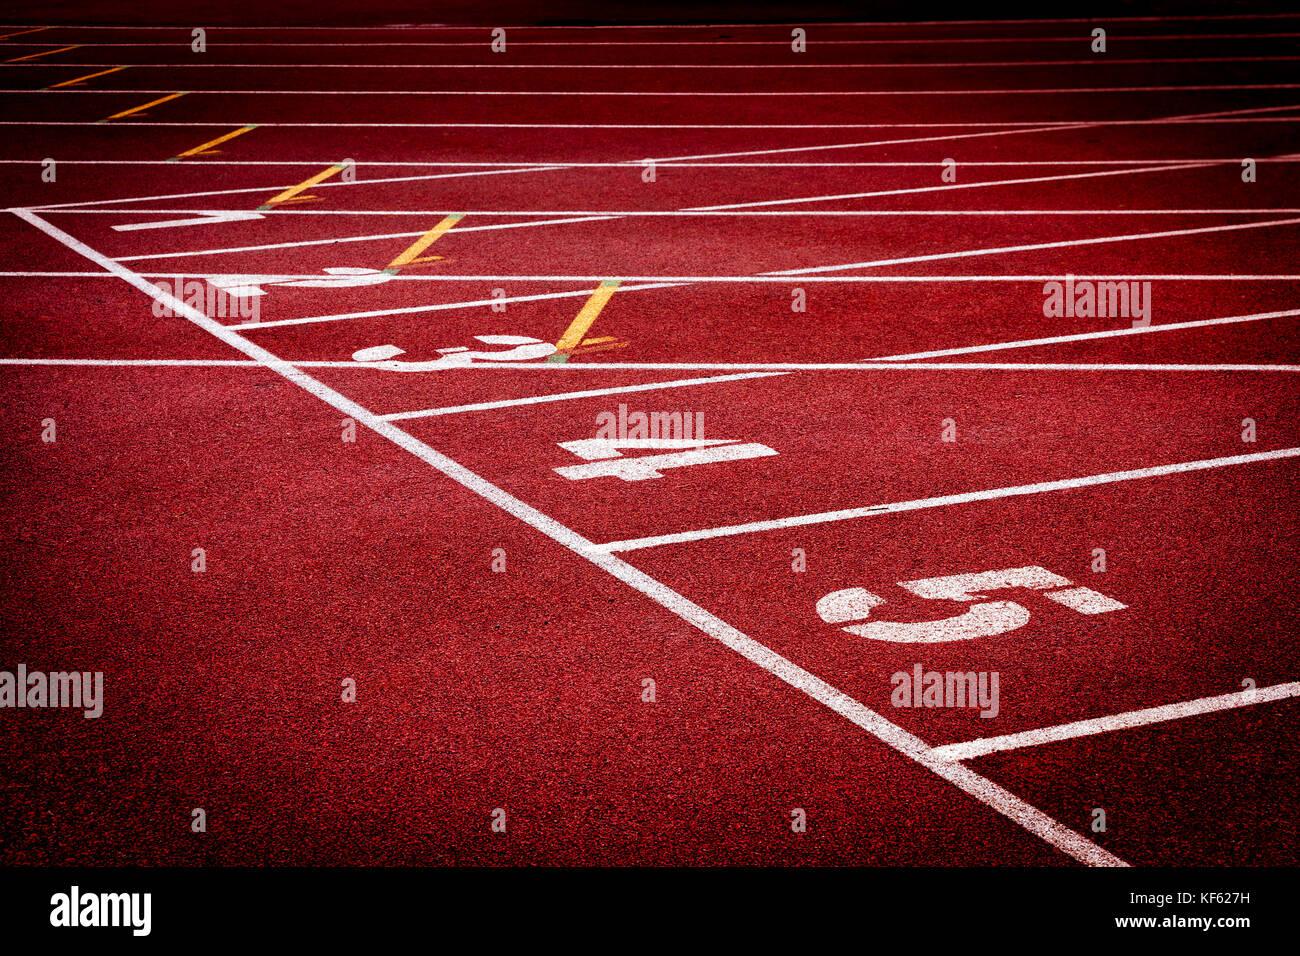 Stadion Running tracks Stockbild